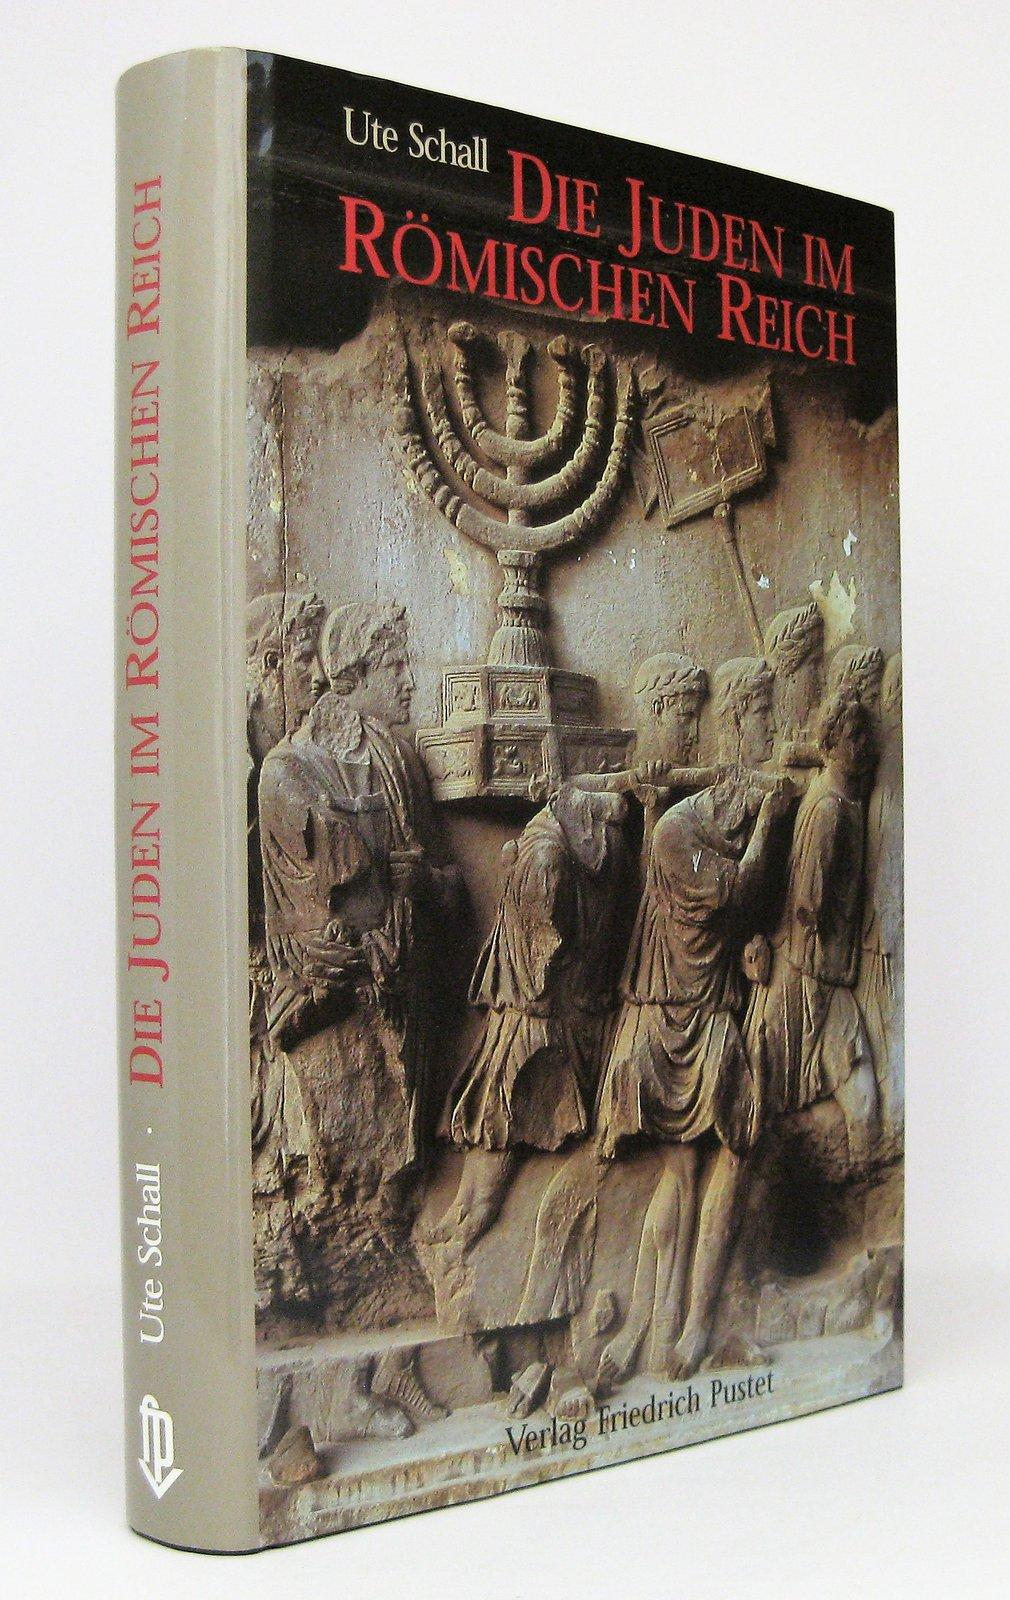 Die Juden im Römischen Reich - Schall, Ute